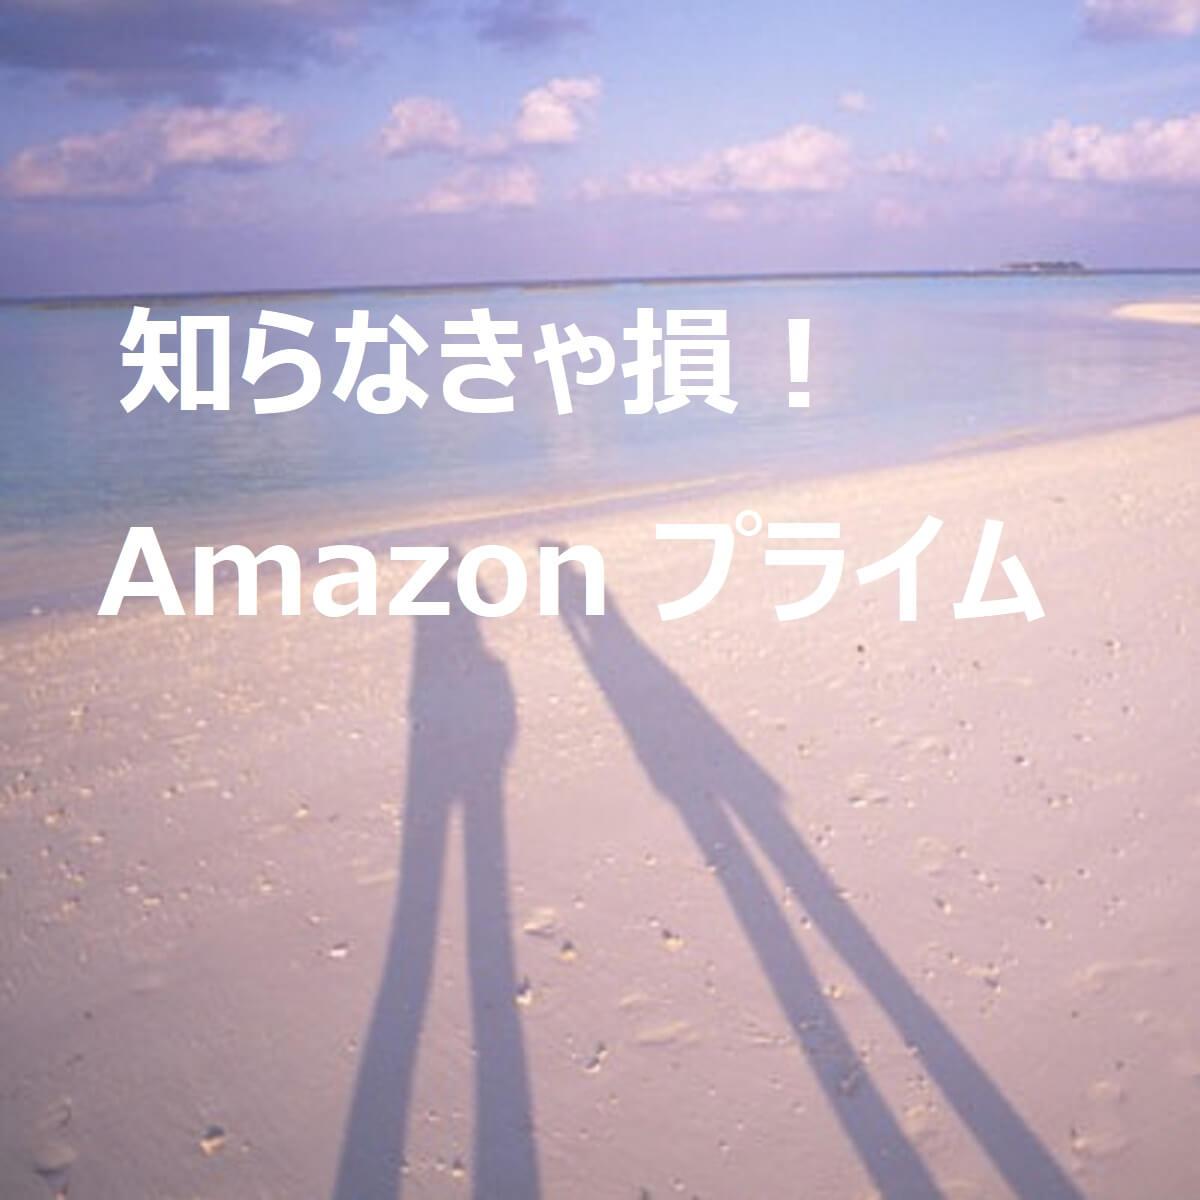 知らなきゃ損!Amazon プライム。